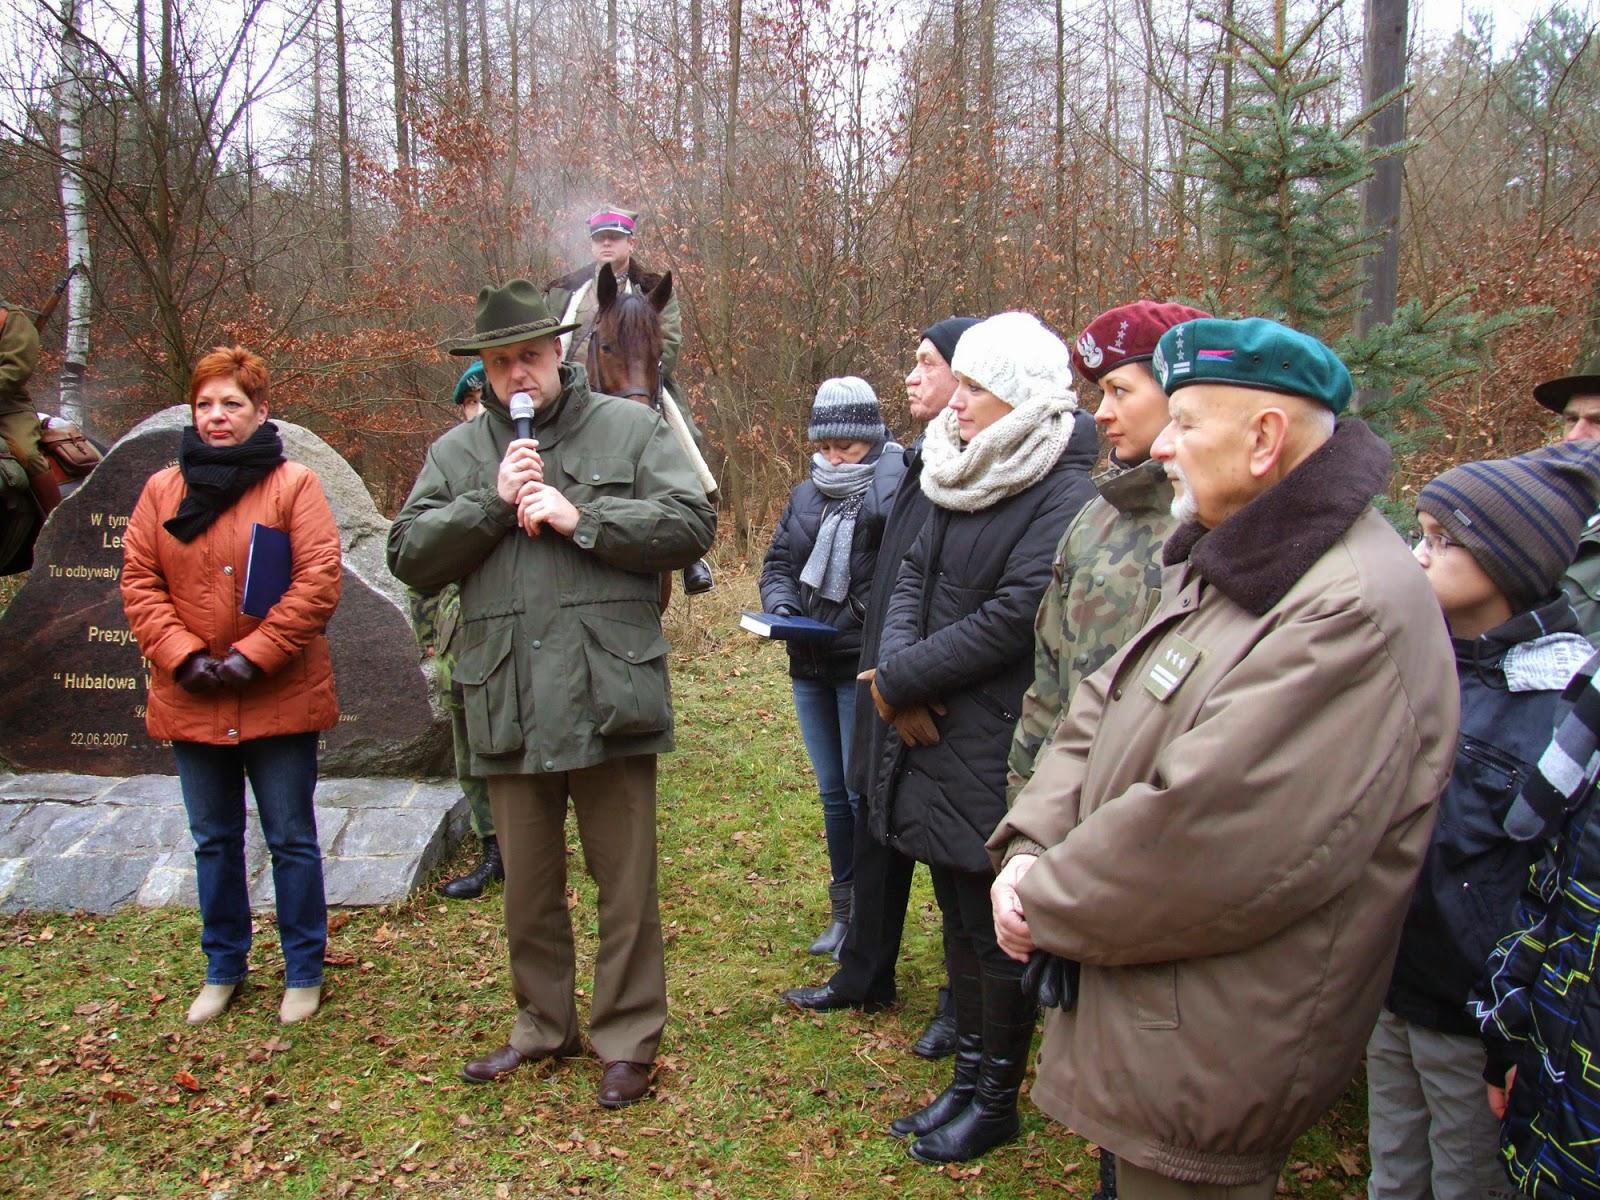 Od lewej: Beata Jasek, dyrektor ZSZ im. Hubala w Radomiu, Edward Janusz, dyrektor RDLP w Łodzi. Pierwszy od prawej płk Marian Zach, prezes Środowiska Hubalczycy.